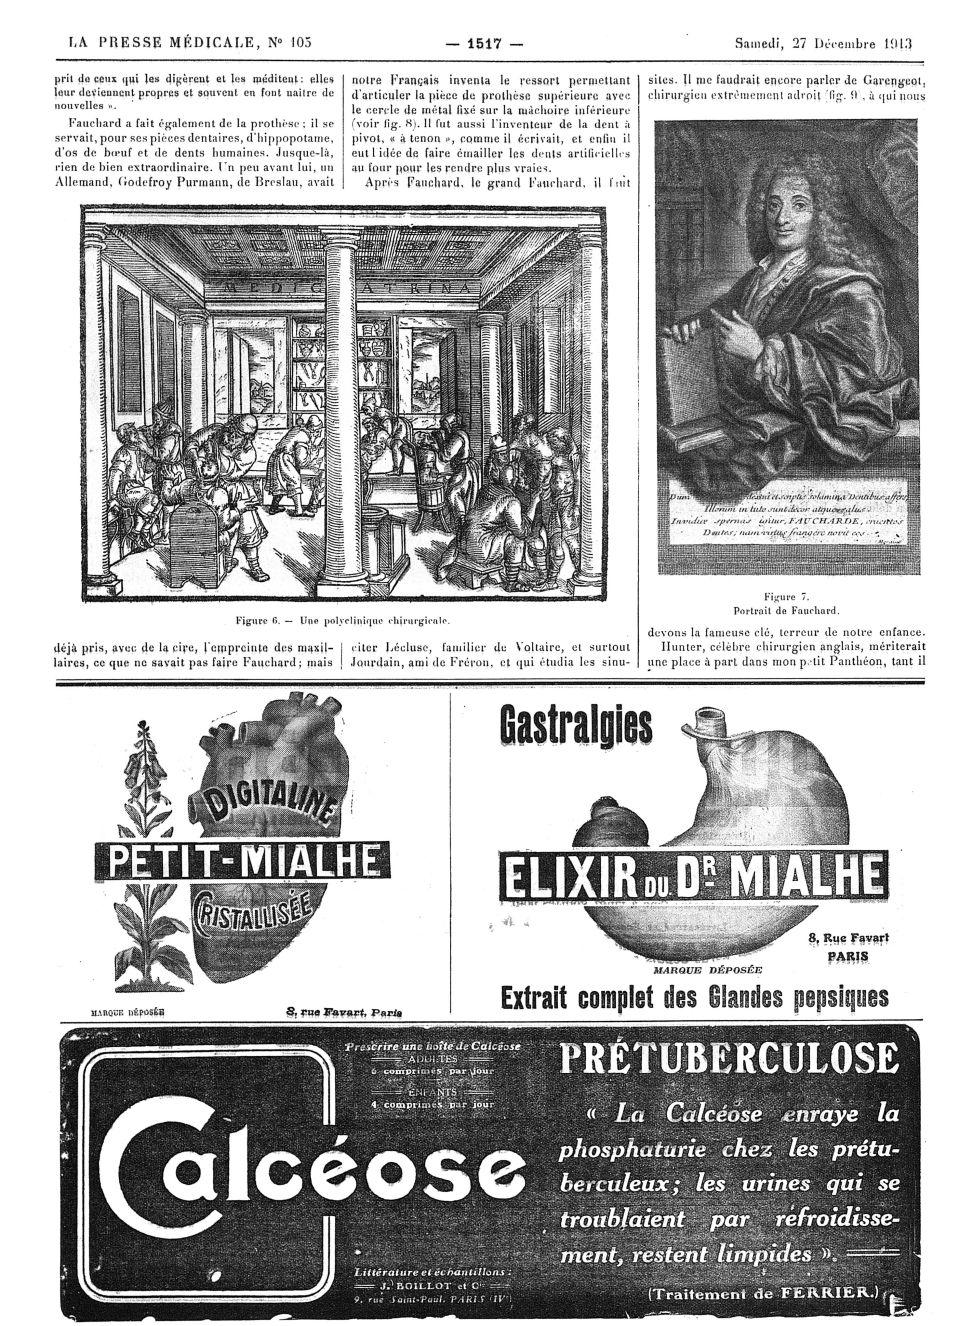 Figure 6. Une polyclinique chirurgicale / Figure 7. Portrait de Fauchard - La Presse médicale - [Vol [...] -  - med100000x1913xannexesx1517